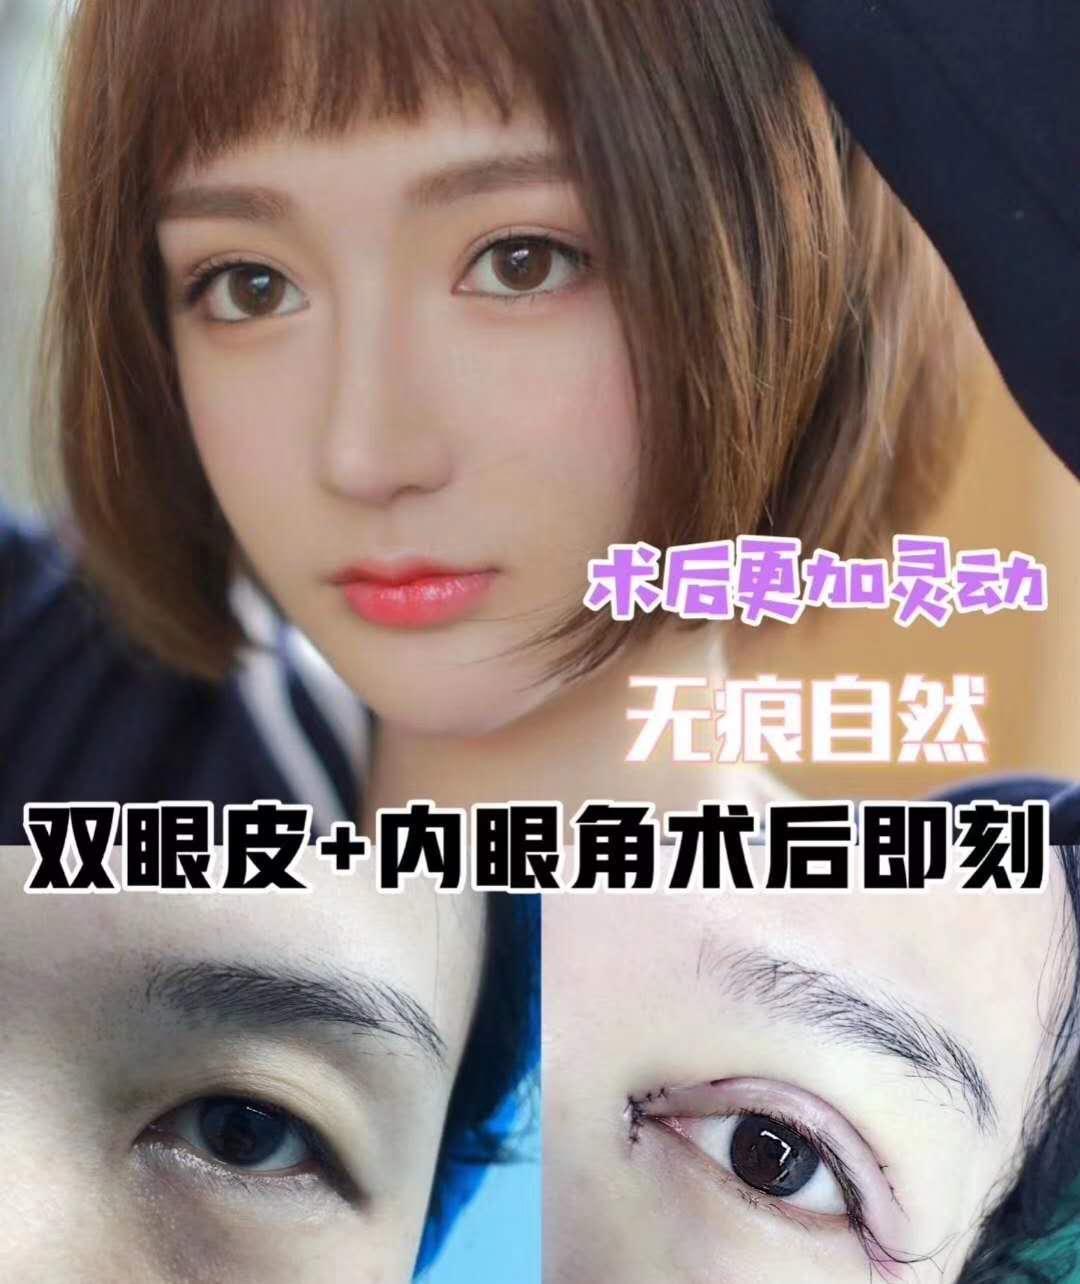 上海九院雙眼皮哪個醫生比較好?上海九院雙眼皮多少錢?